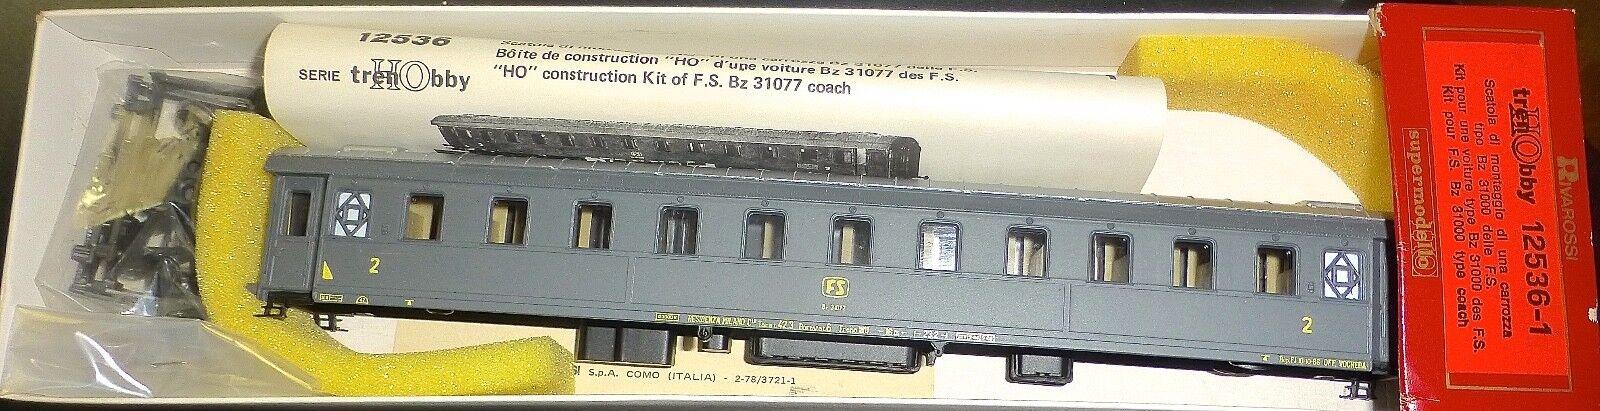 FS BZ 31077 vehículos implicados kit trenhobby Rivarossi 12536-1 h0 1 87 Å